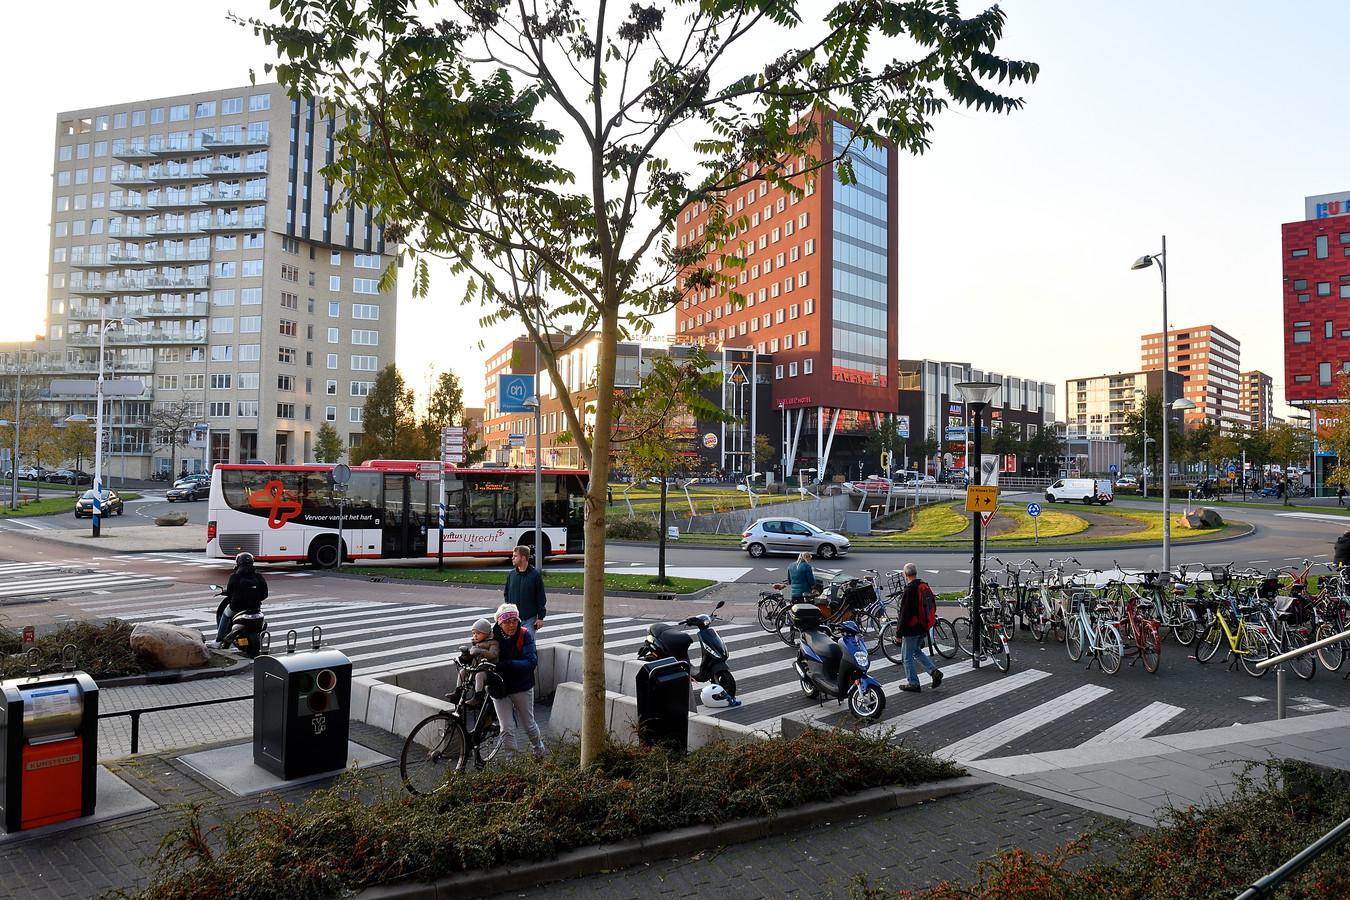 De gemeente Amersfoort en projectontwikkelaar Vahstal liggen al tientallen jaren met elkaar overhoop, onder meer over de (winkel)bestemming van het Oppidium.